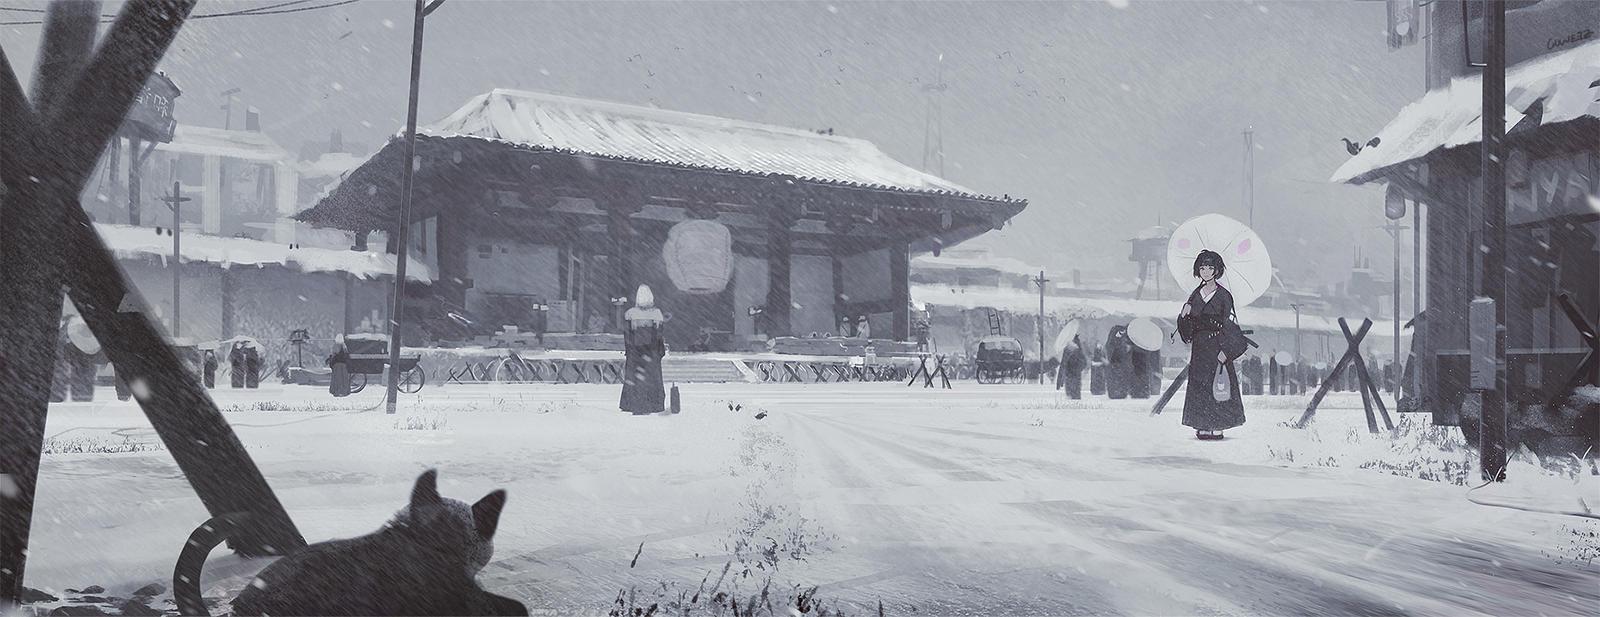 Snowy Town by GUWEIZ